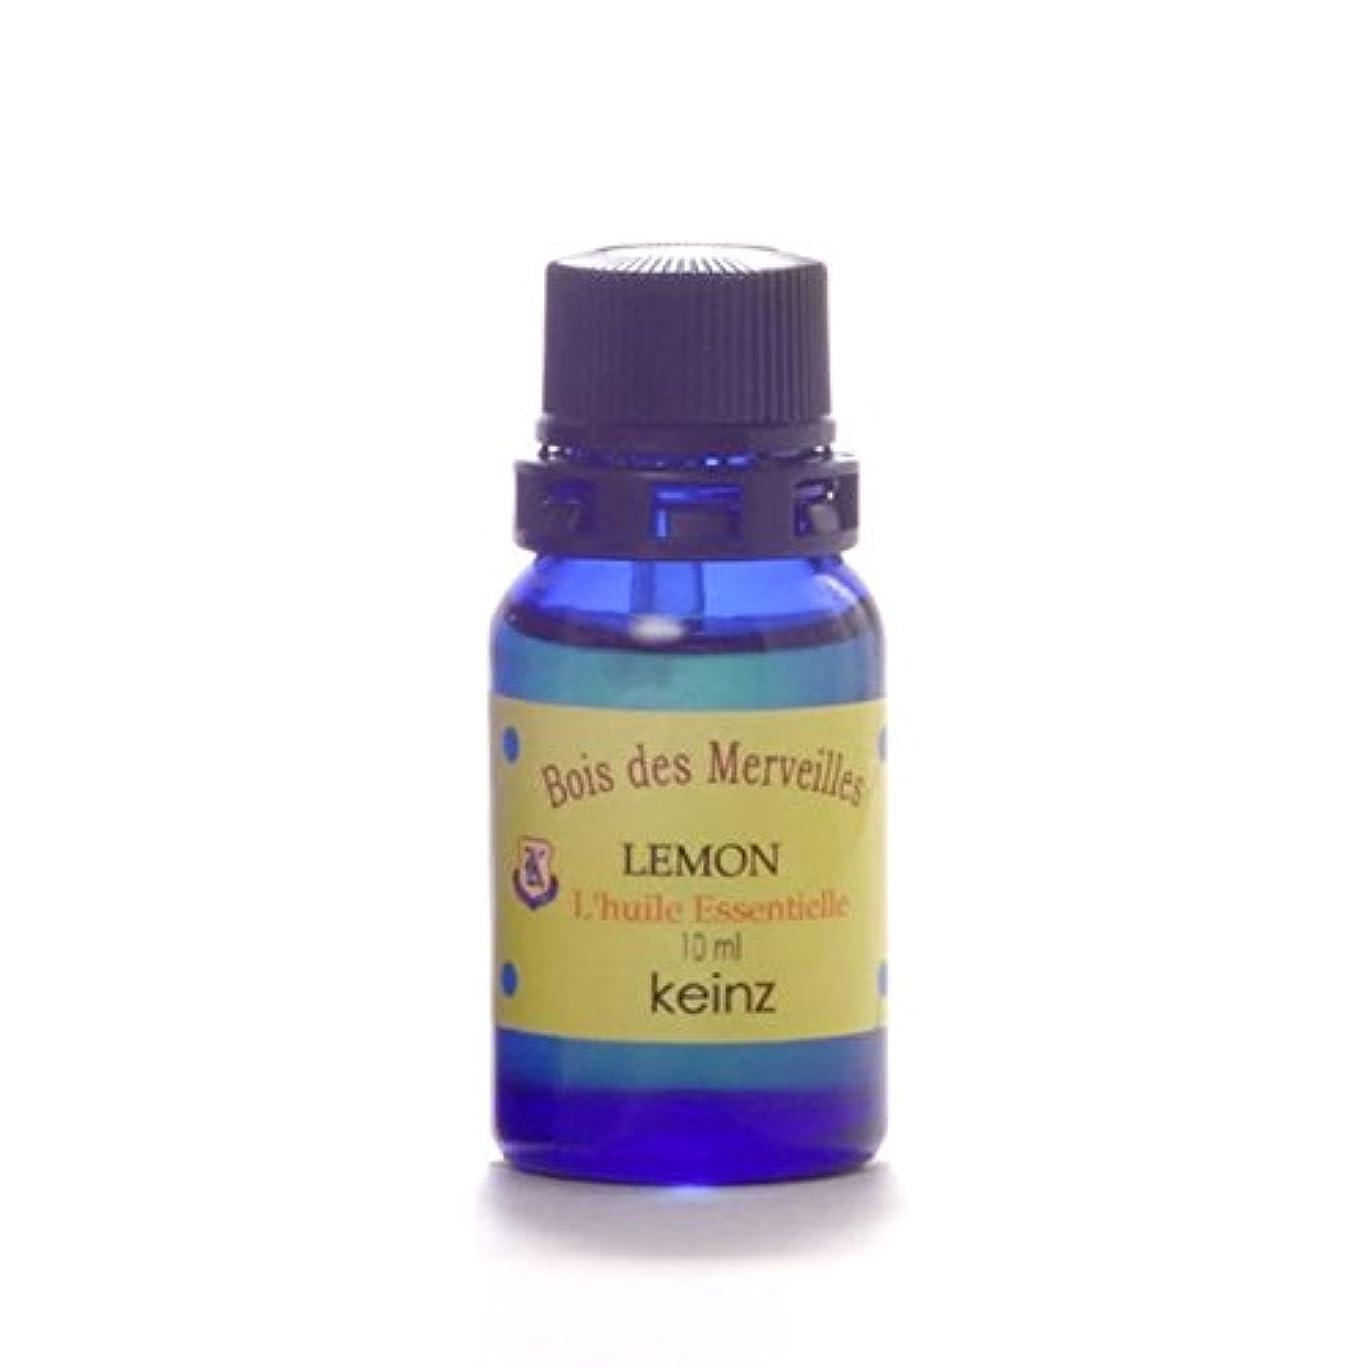 成人期れる下るkeinzエッセンシャルオイル「レモン10ml」ケインズ正規品 製造国アメリカ 冷圧搾法 完全無添加精油 人工香料は使っていません。【送料無料】